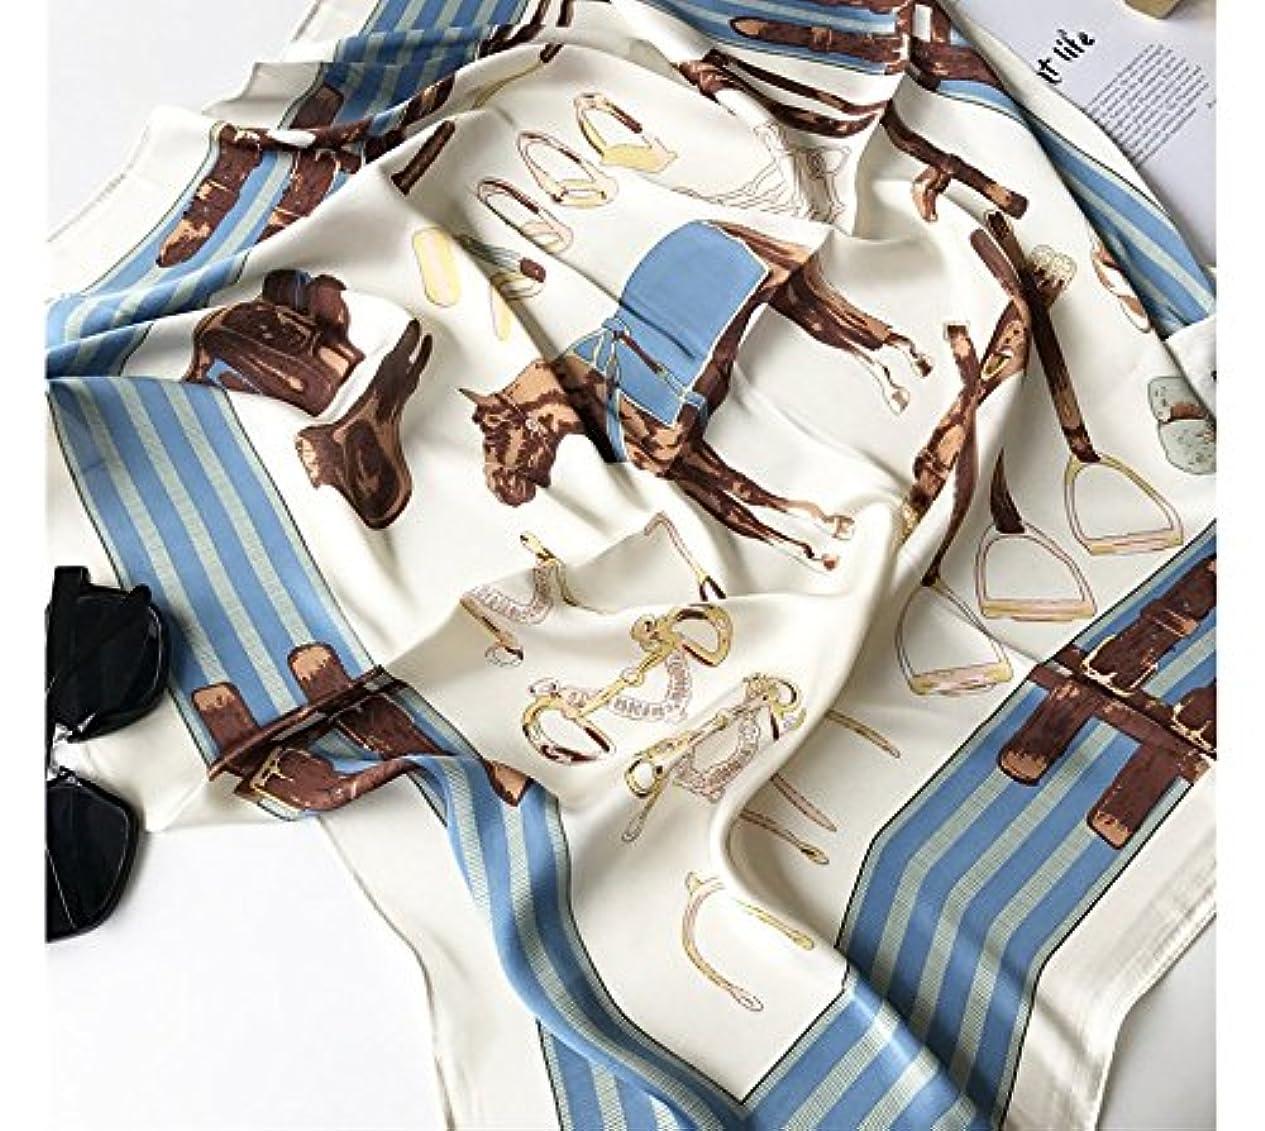 スティック公爵苦しむSFK (シフク) レディースファッション サテン スカーフ レトロ 角正方形 大判正方形 スカーフ 柔らか 肌触り 70X70cm